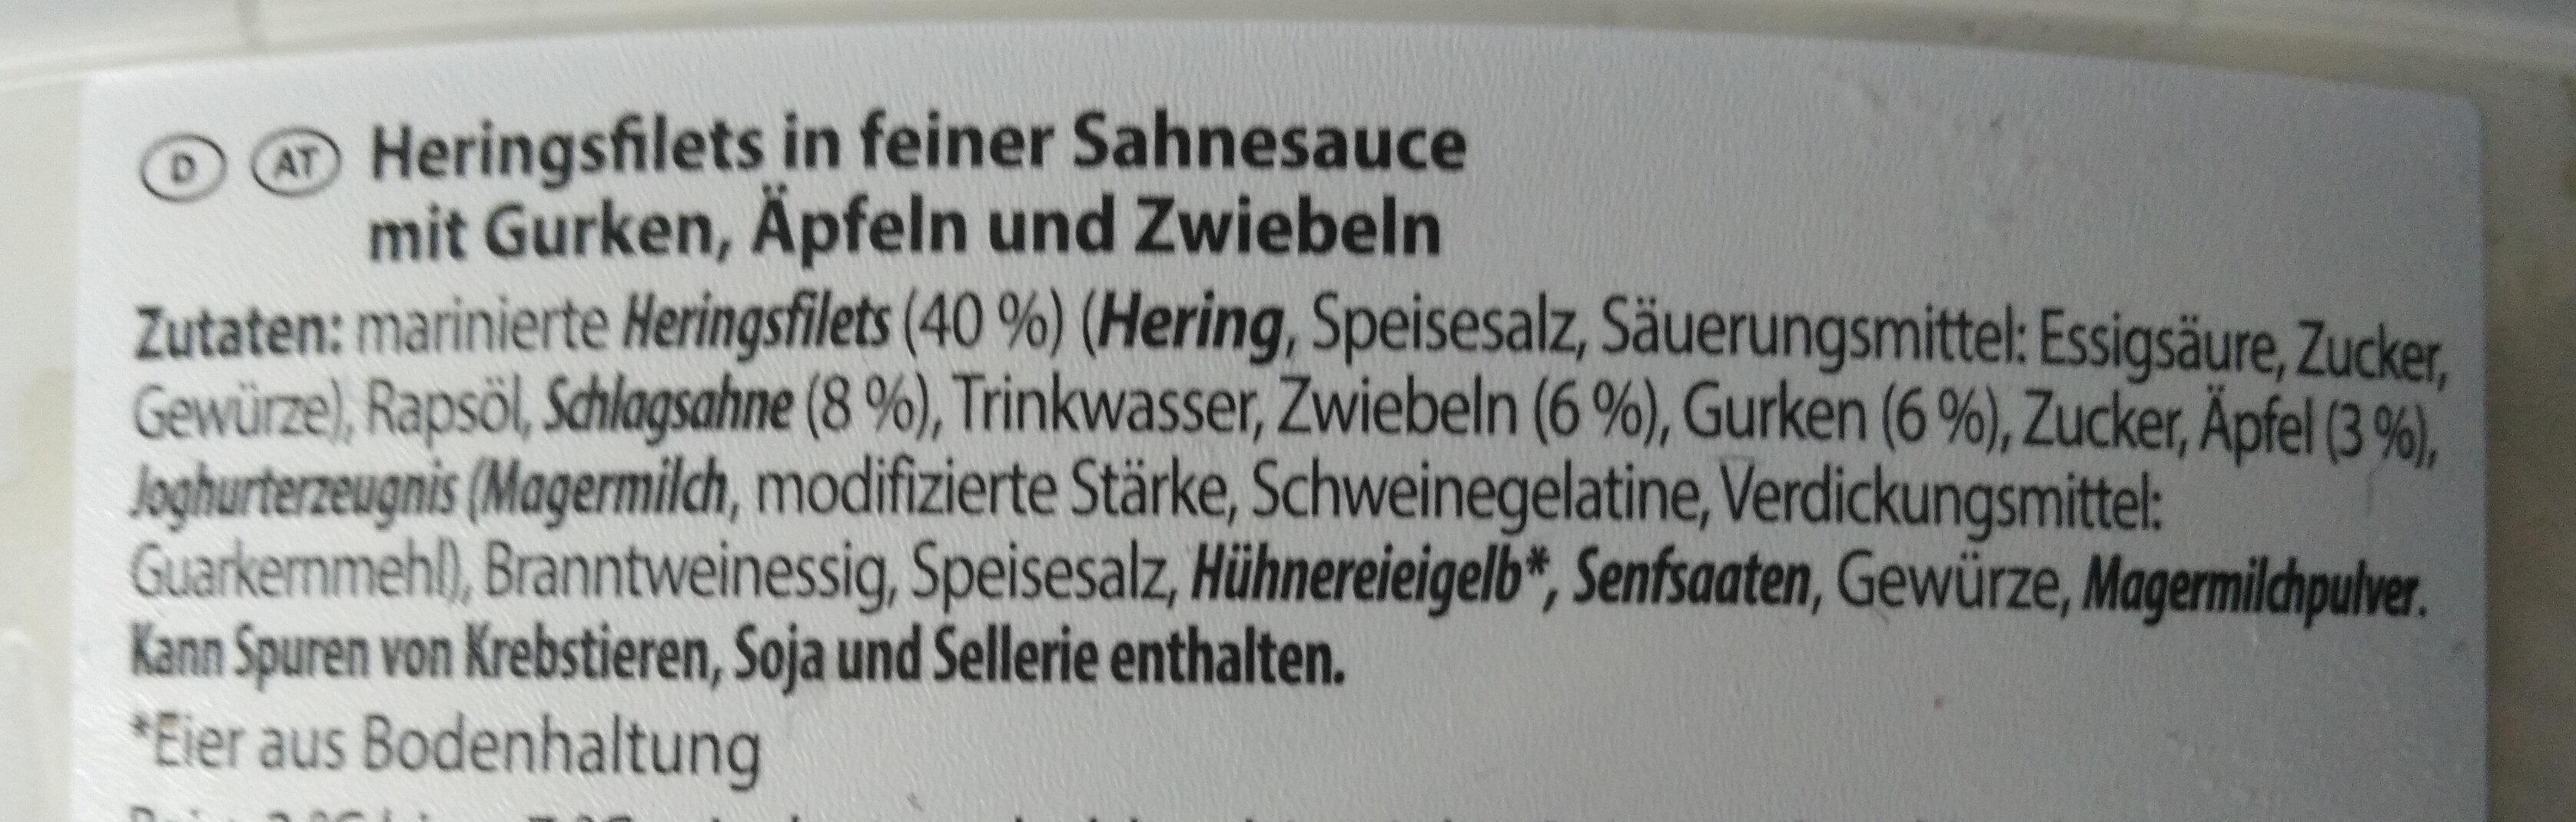 Sahne Heringsfilets - Ingredients